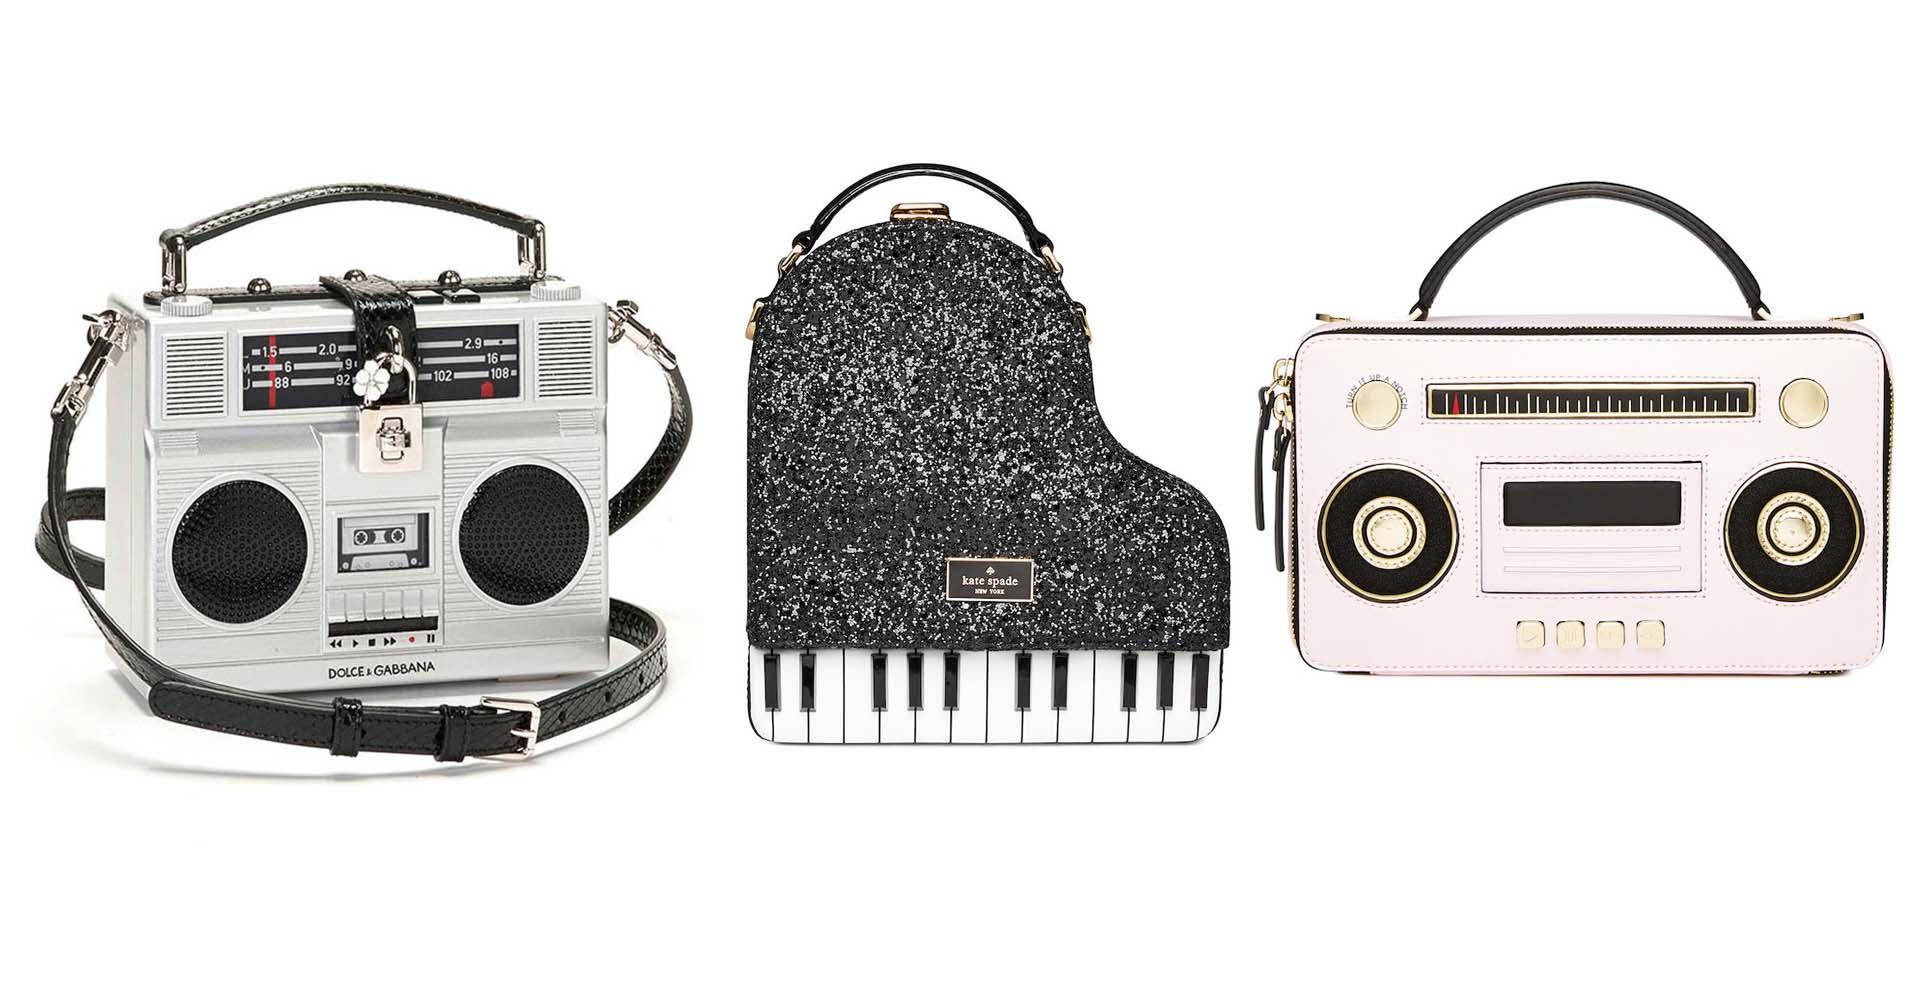 La cartera es el accesorio infaltable de una mujer y sin duda estos diseños que homenajean a la música no podrán ausentarse de un outfit lleno de estilo